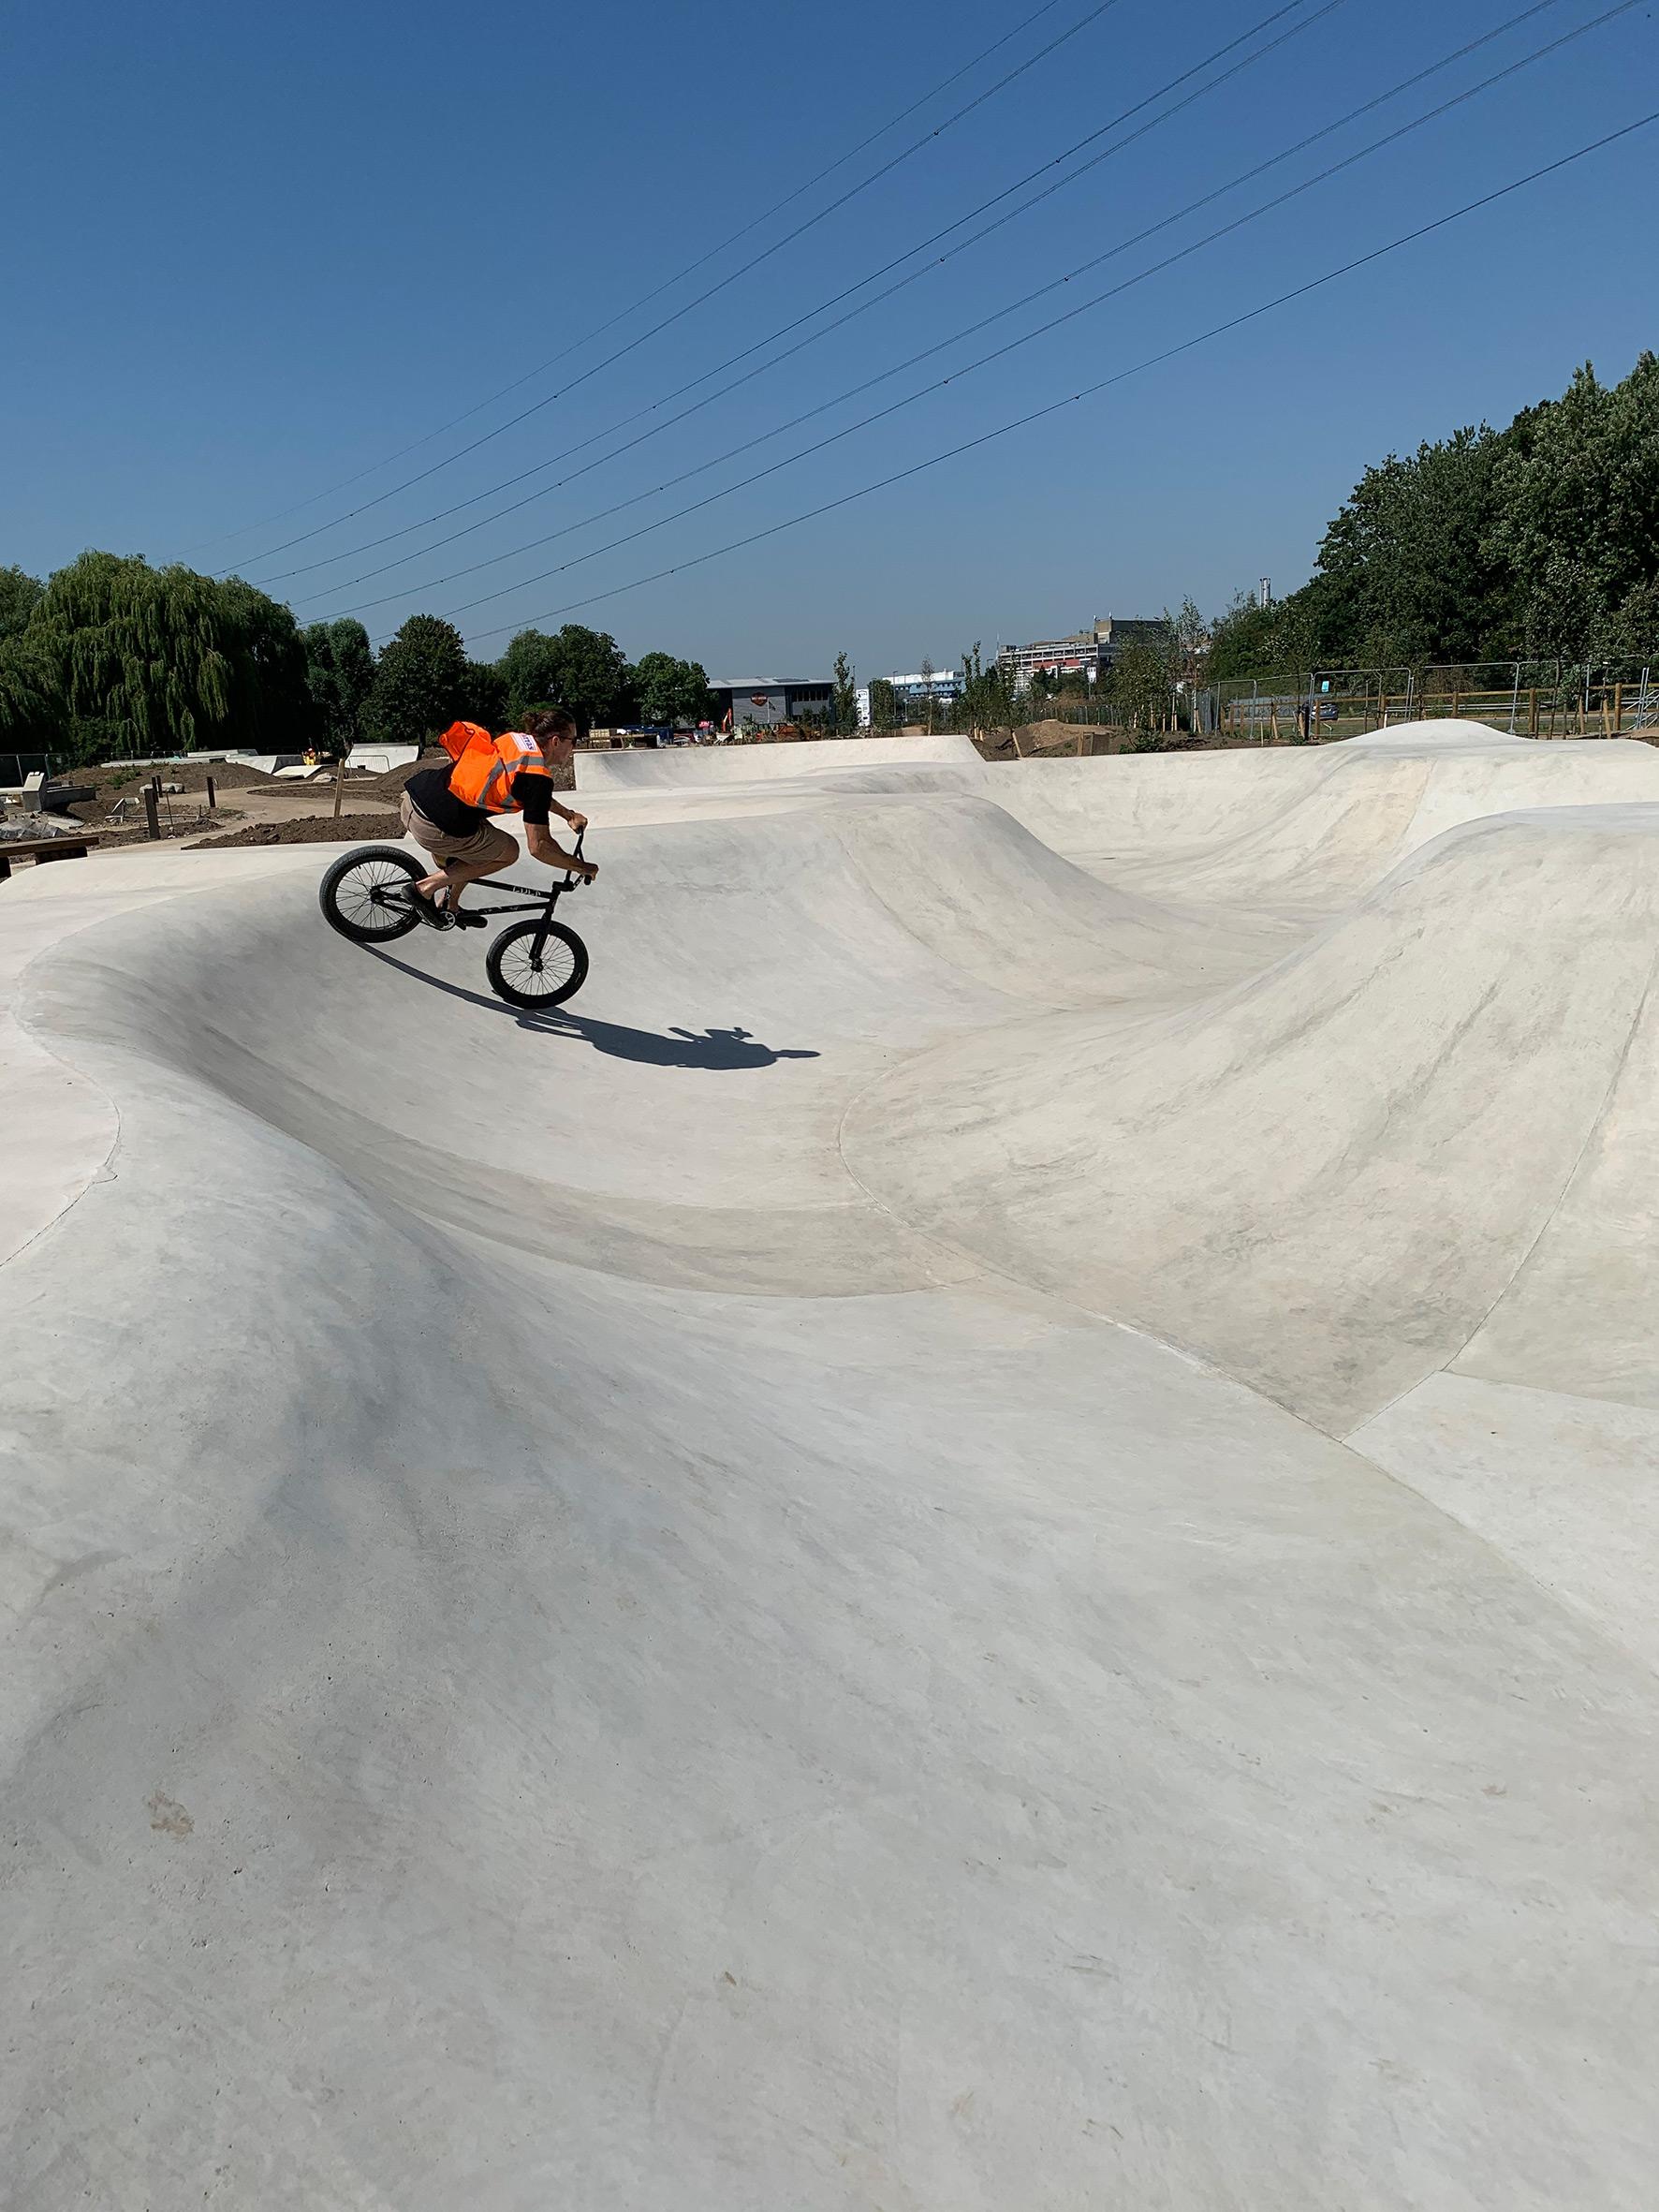 Oxhey Park BMX